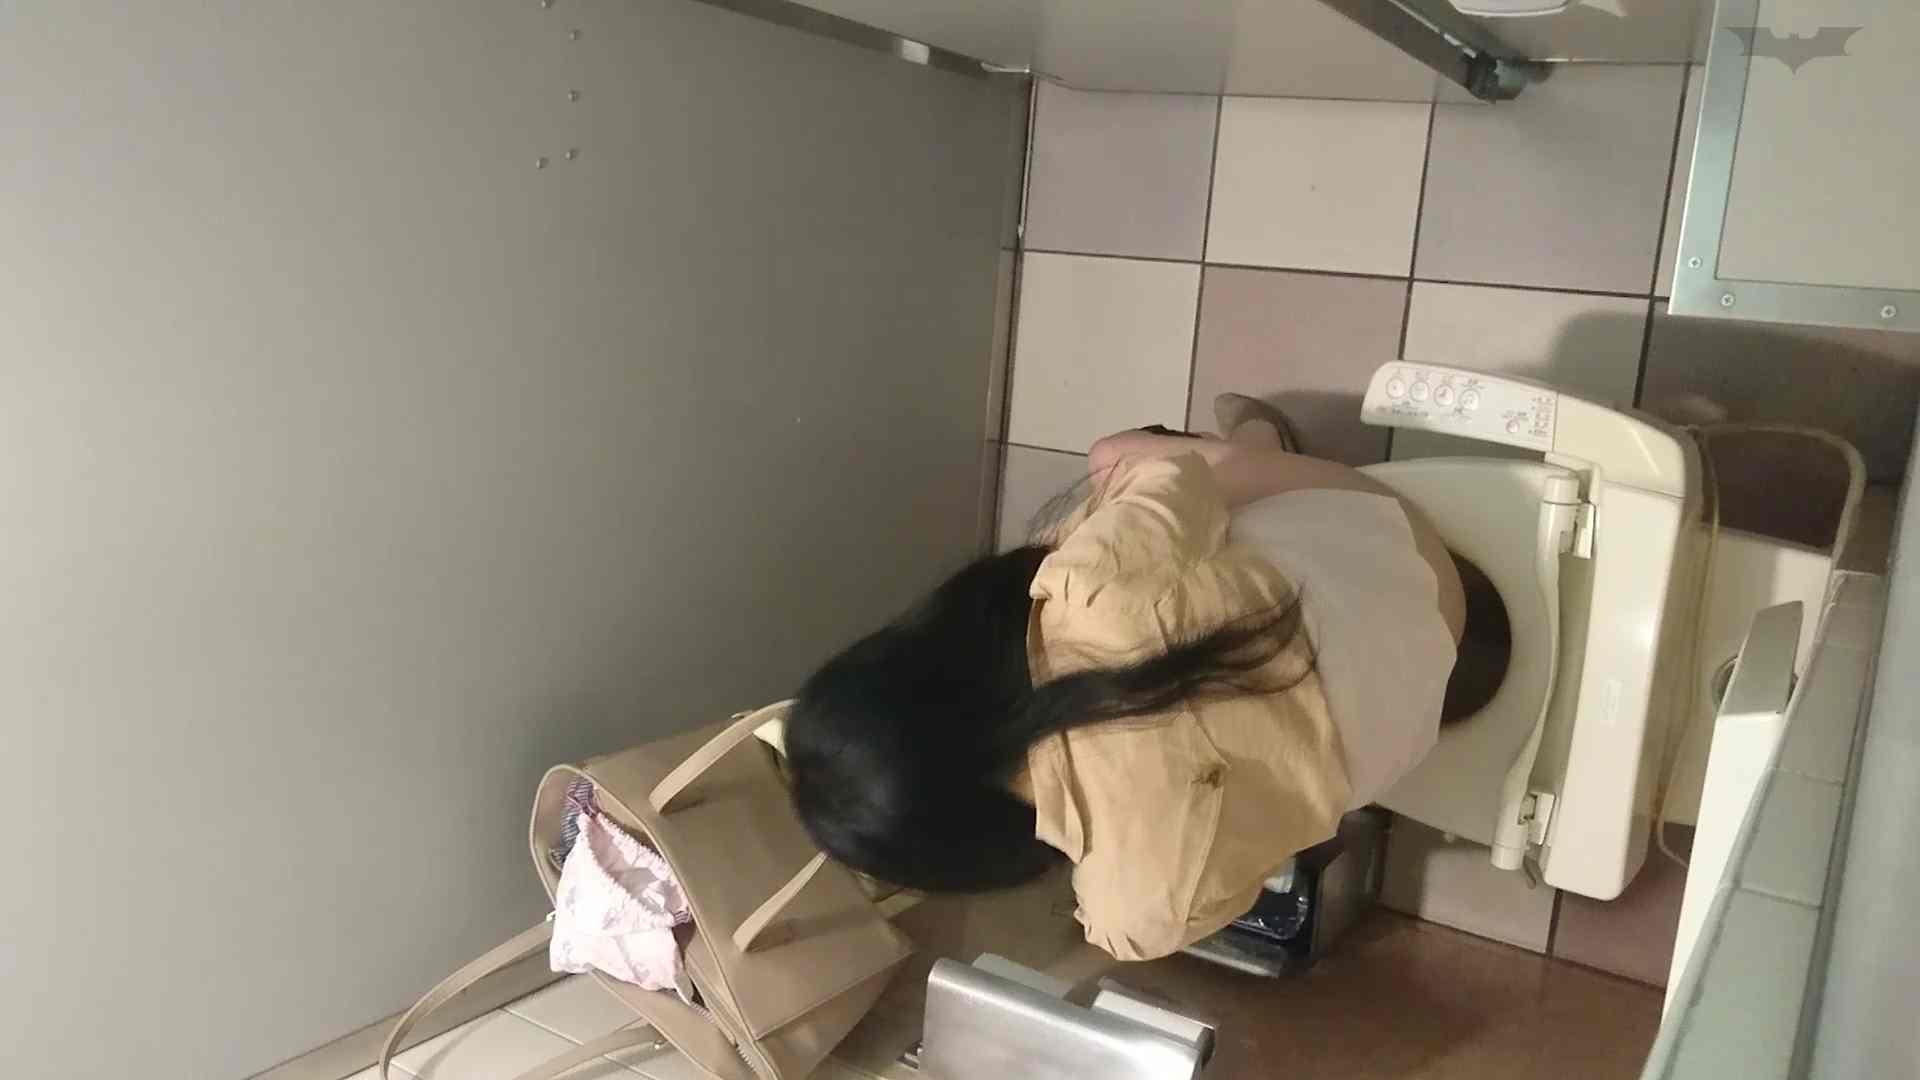 化粧室絵巻 ショッピングモール編 VOL.19 OL  93pic 44